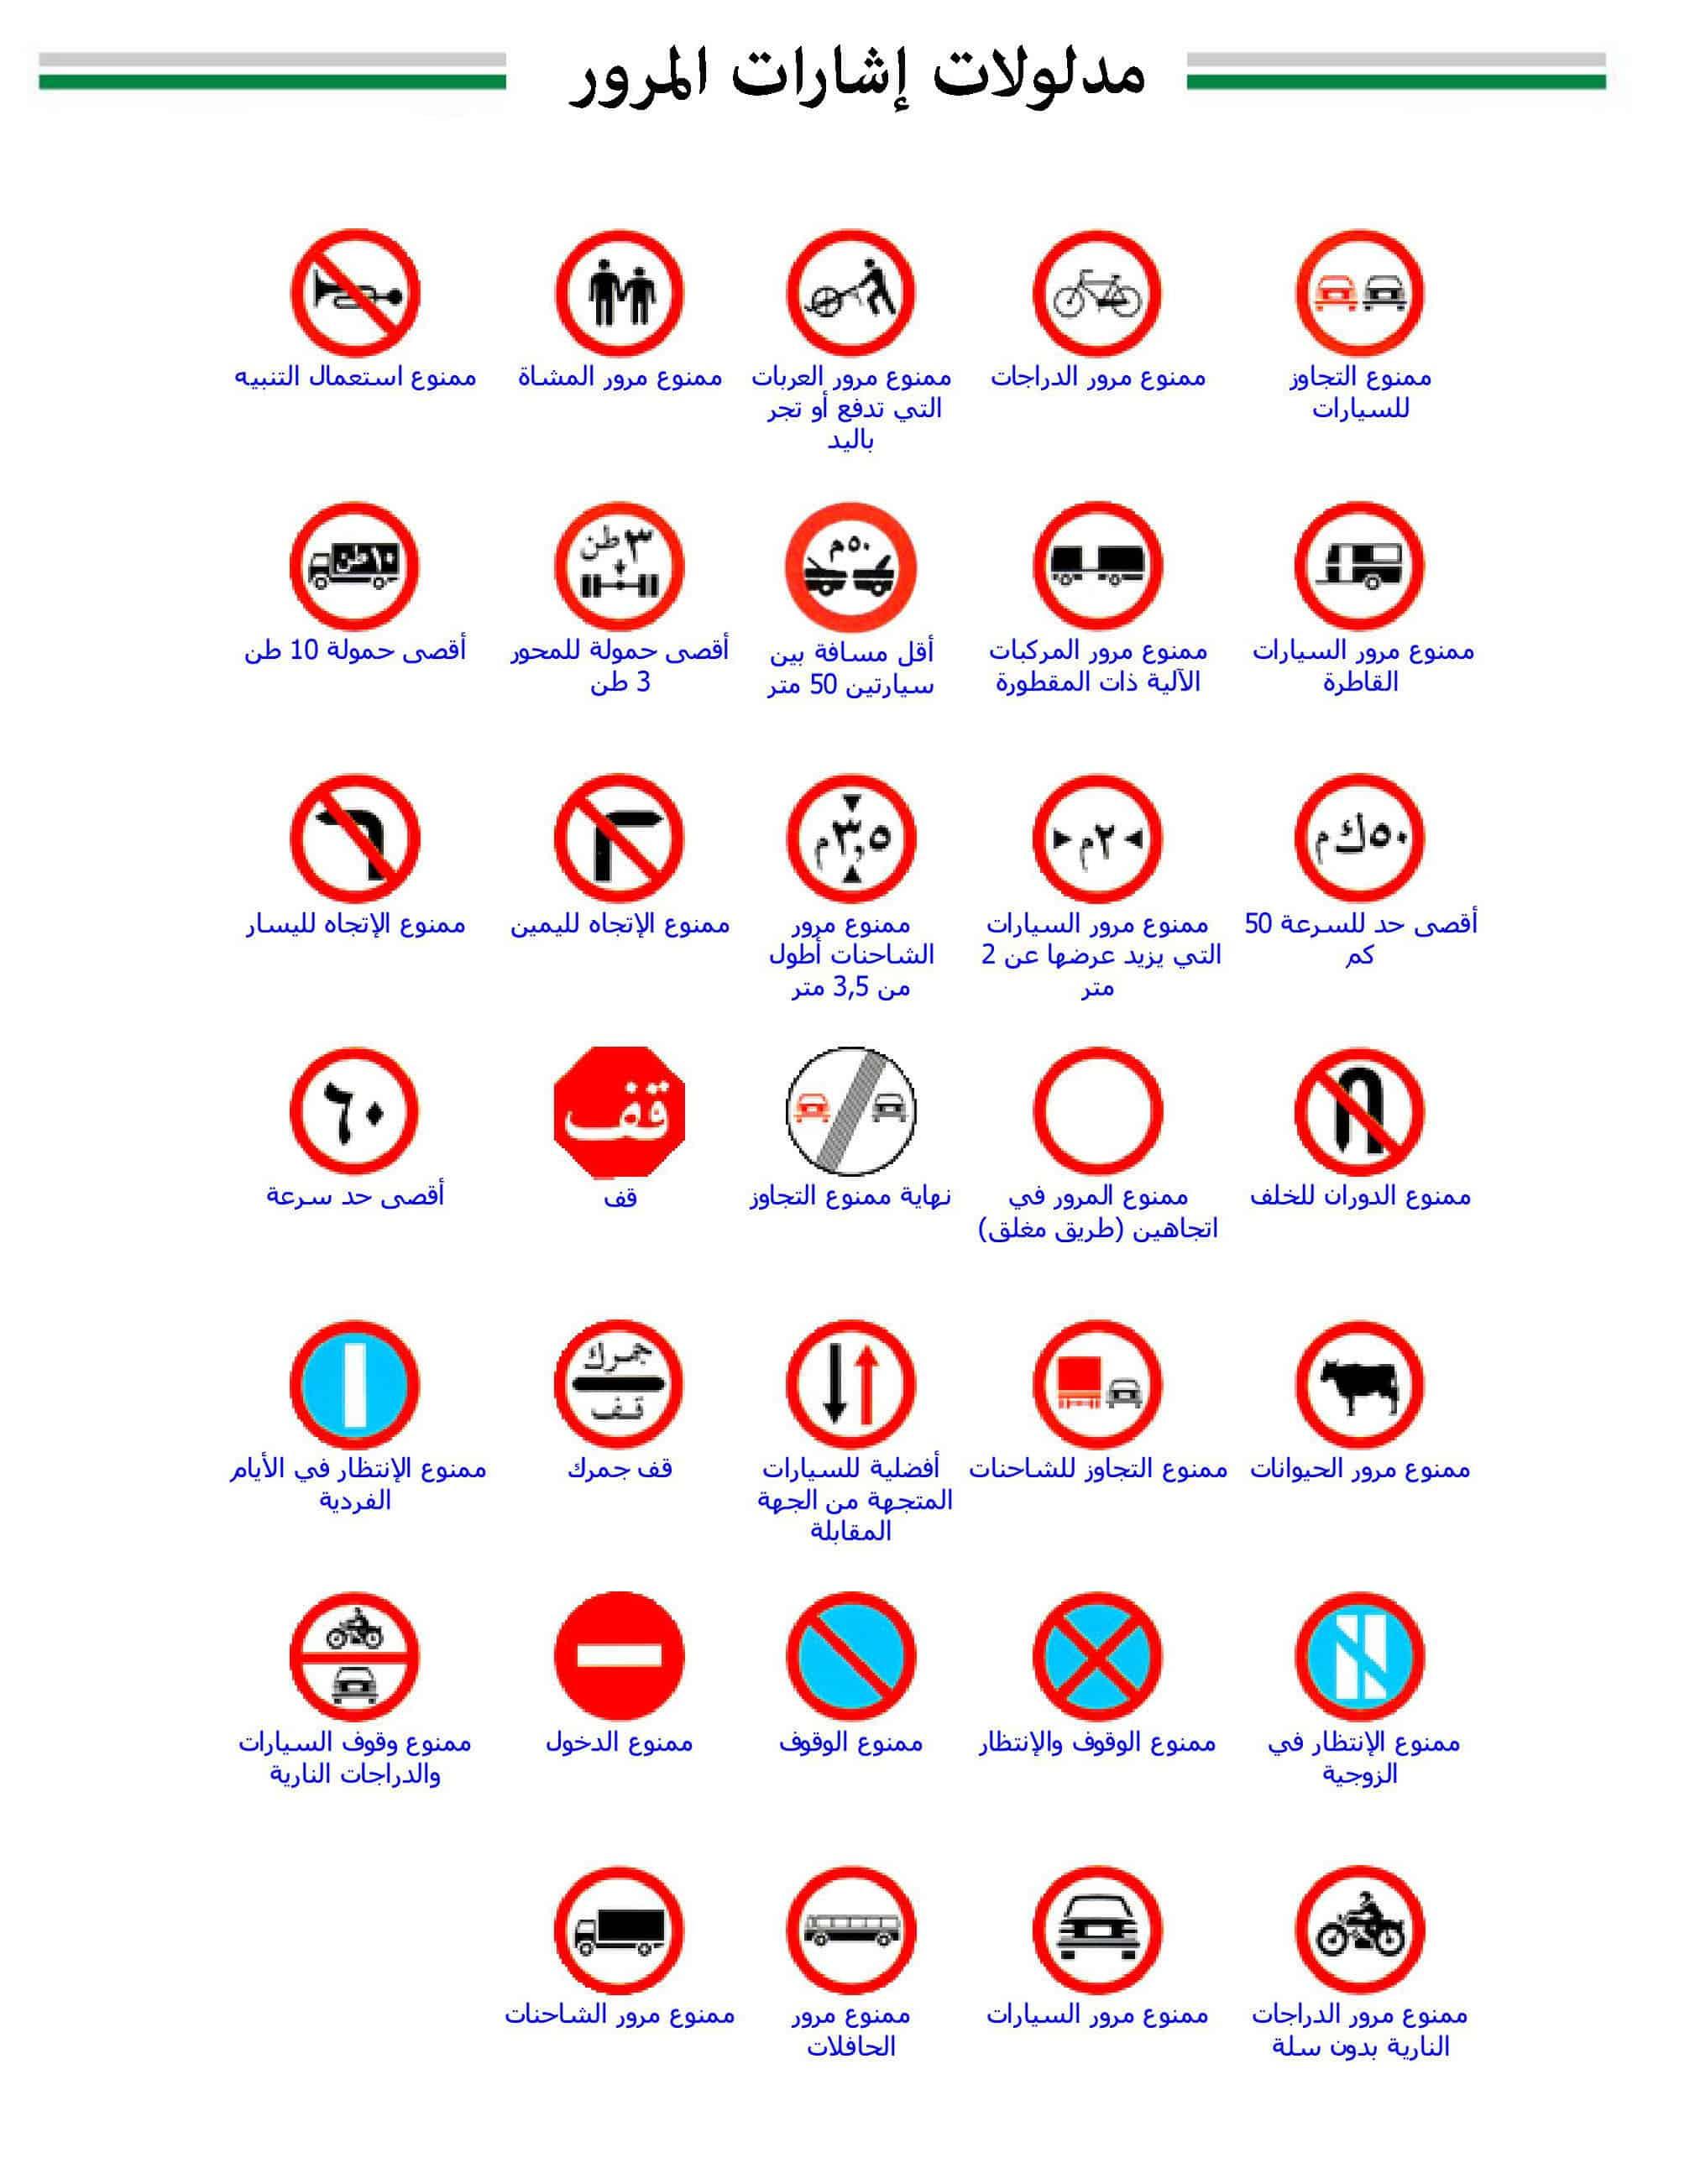 إشارات المنع